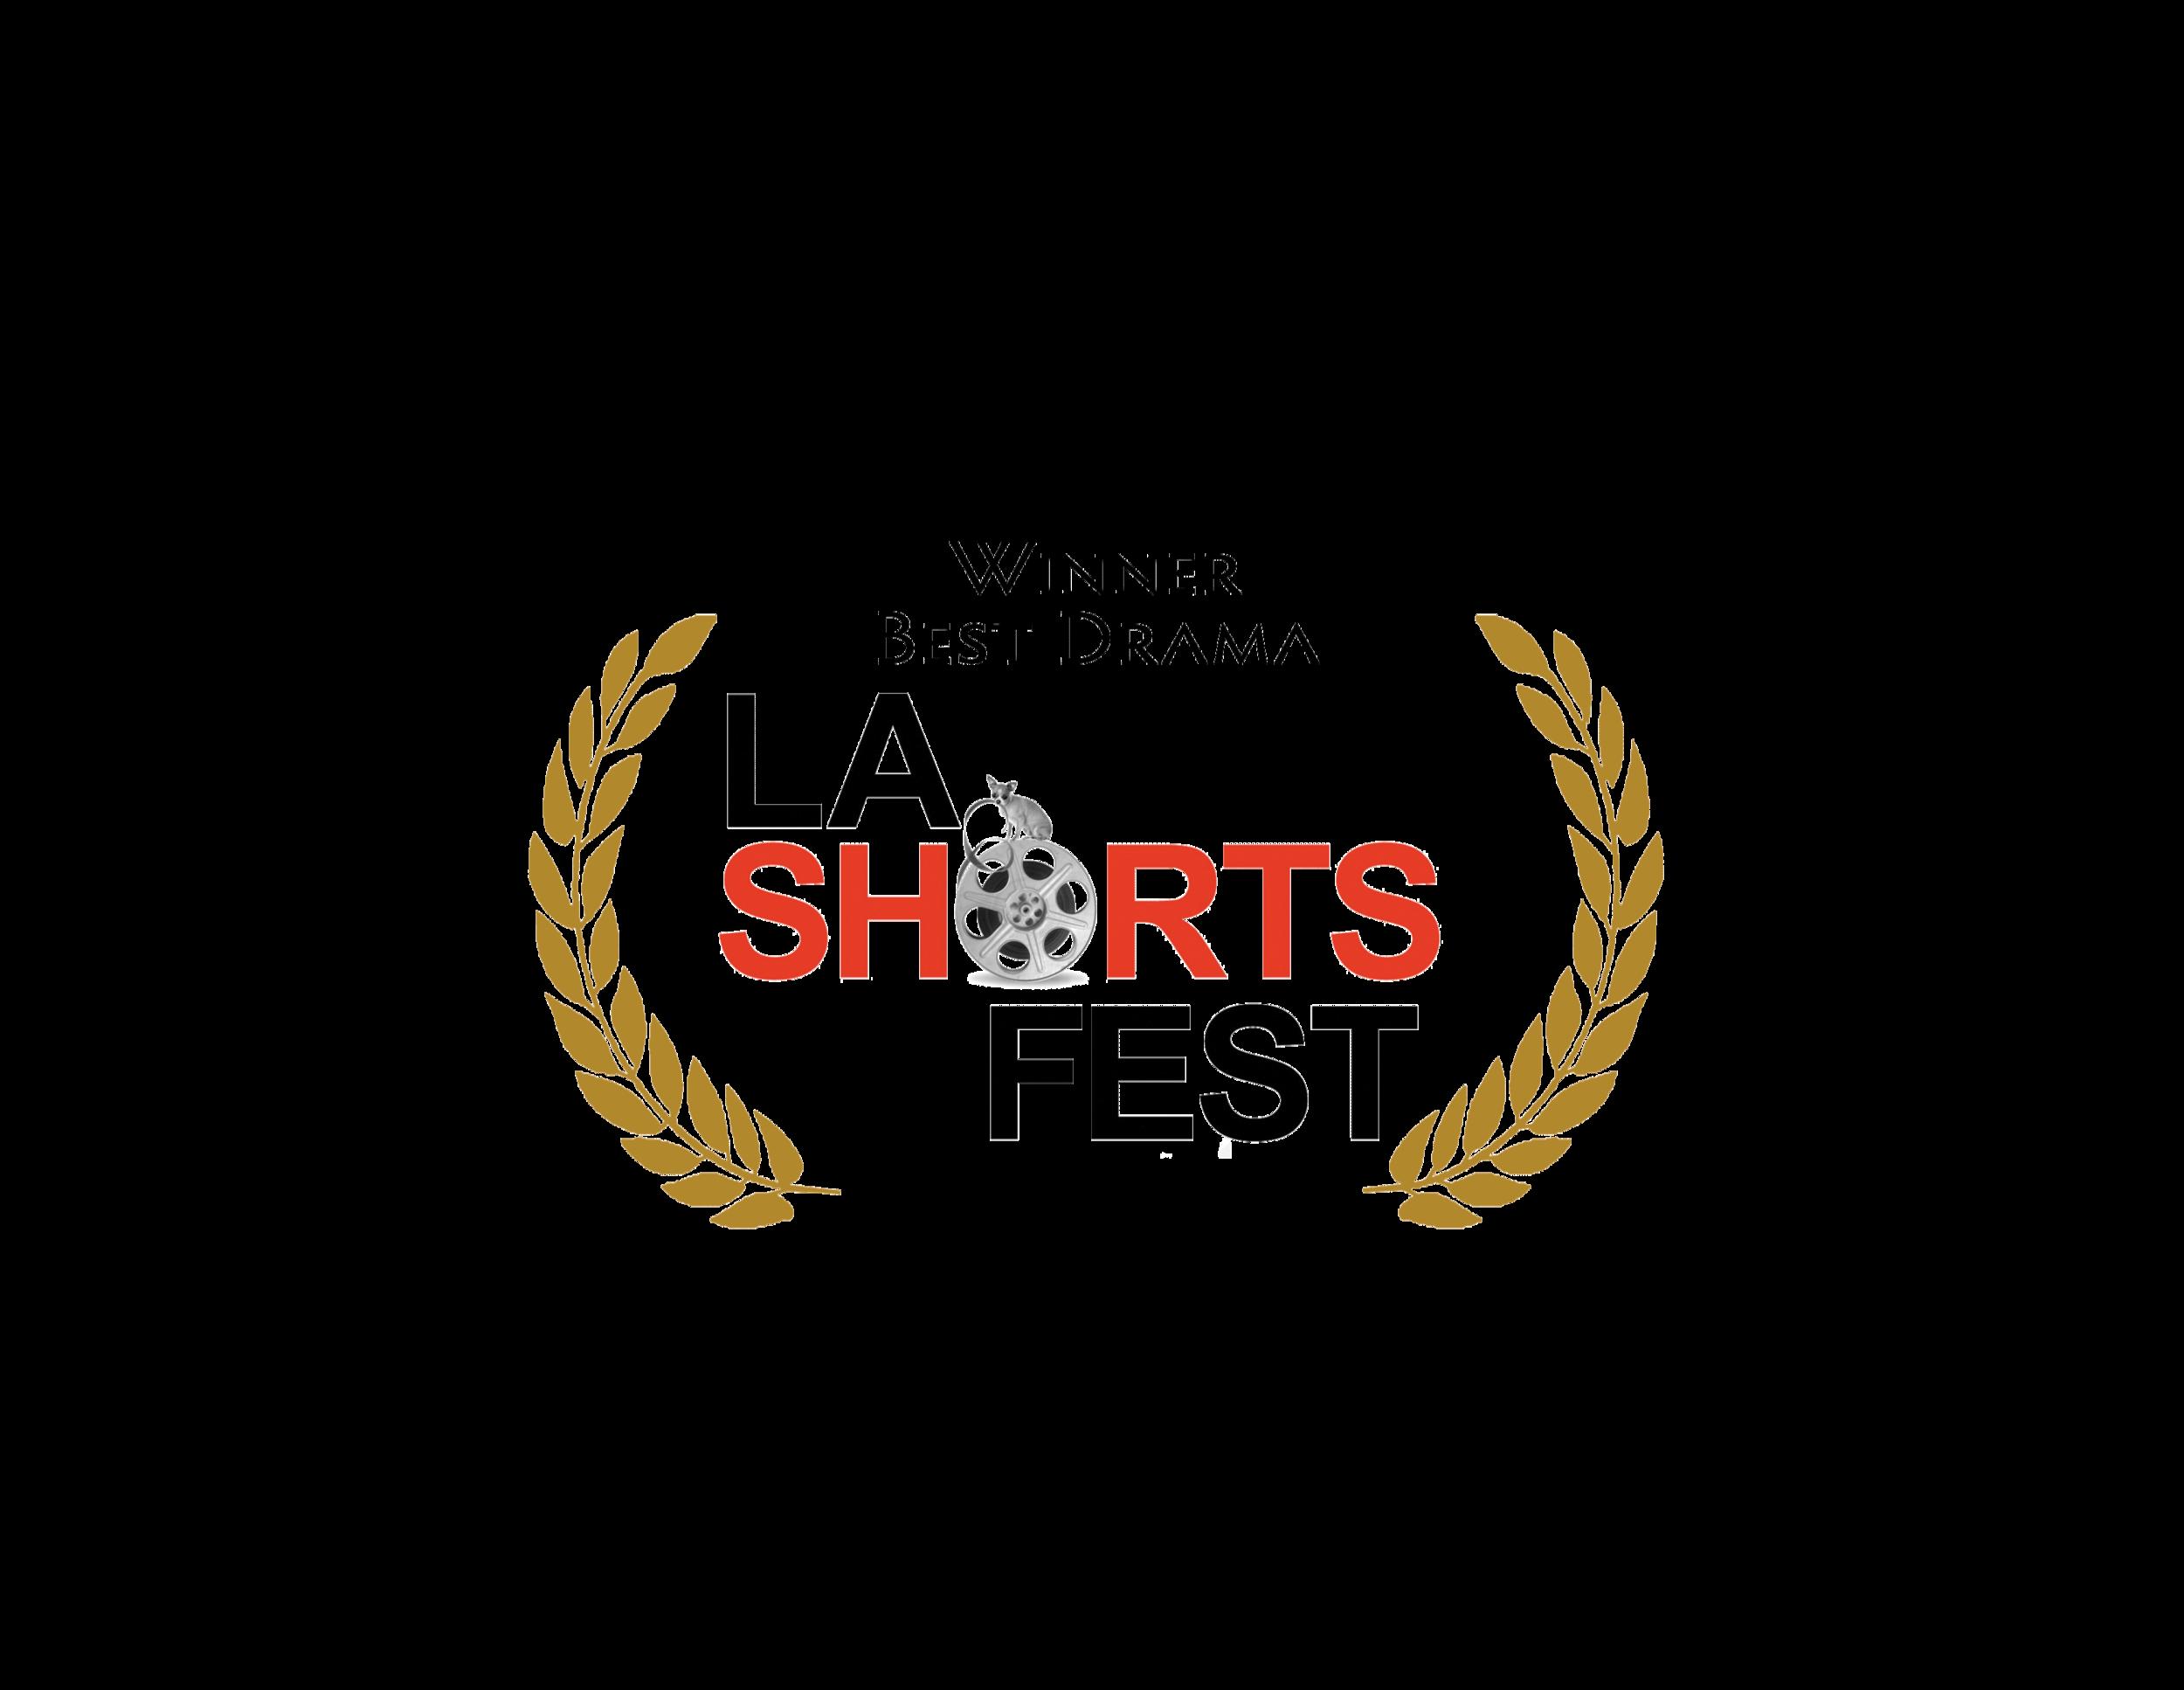 LA Shorts Fest Best Drama.png